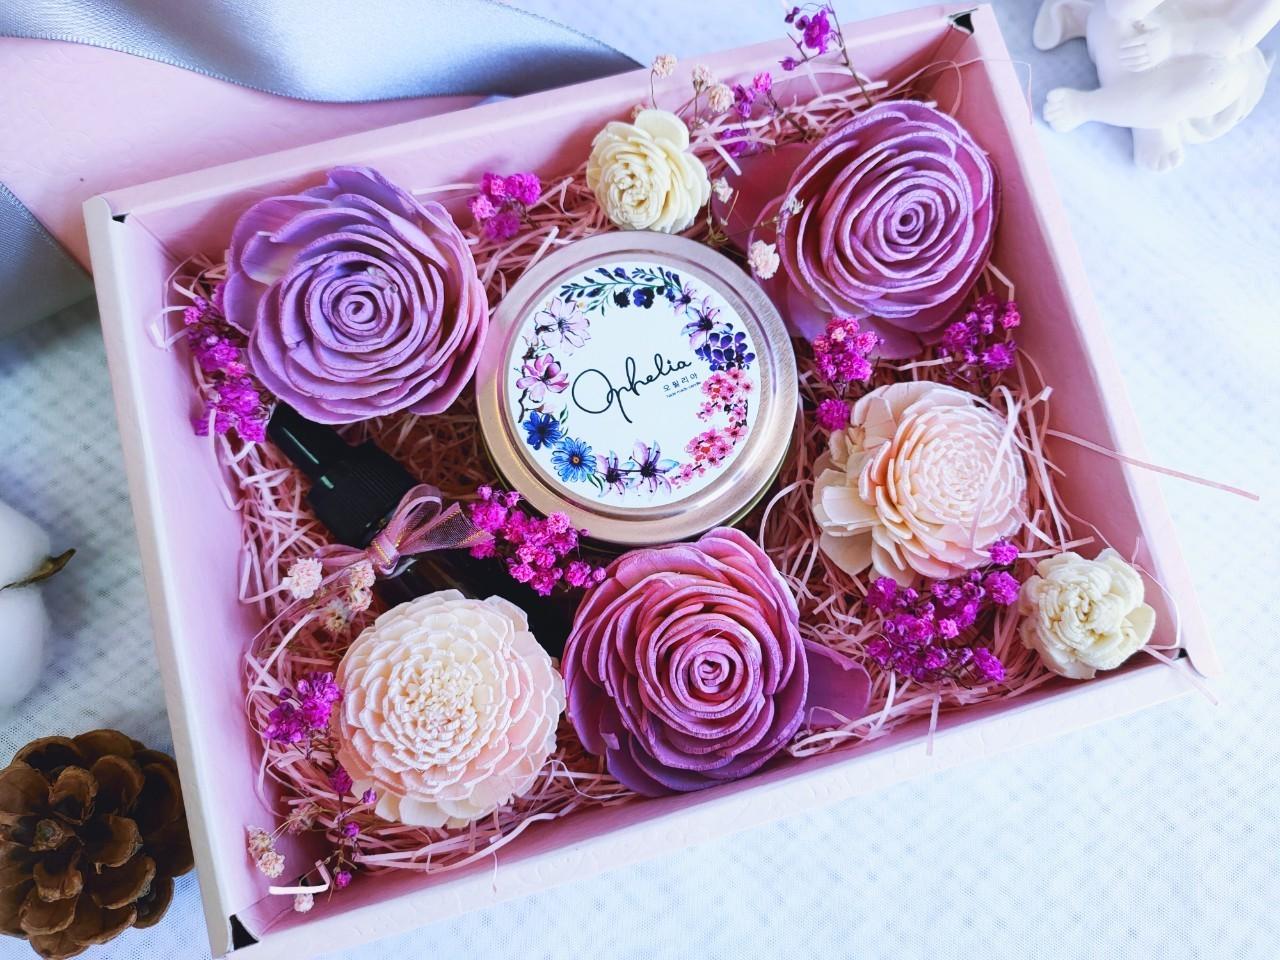 【期間限定~限量搶購】把愛說出來-情人節香氛禮盒